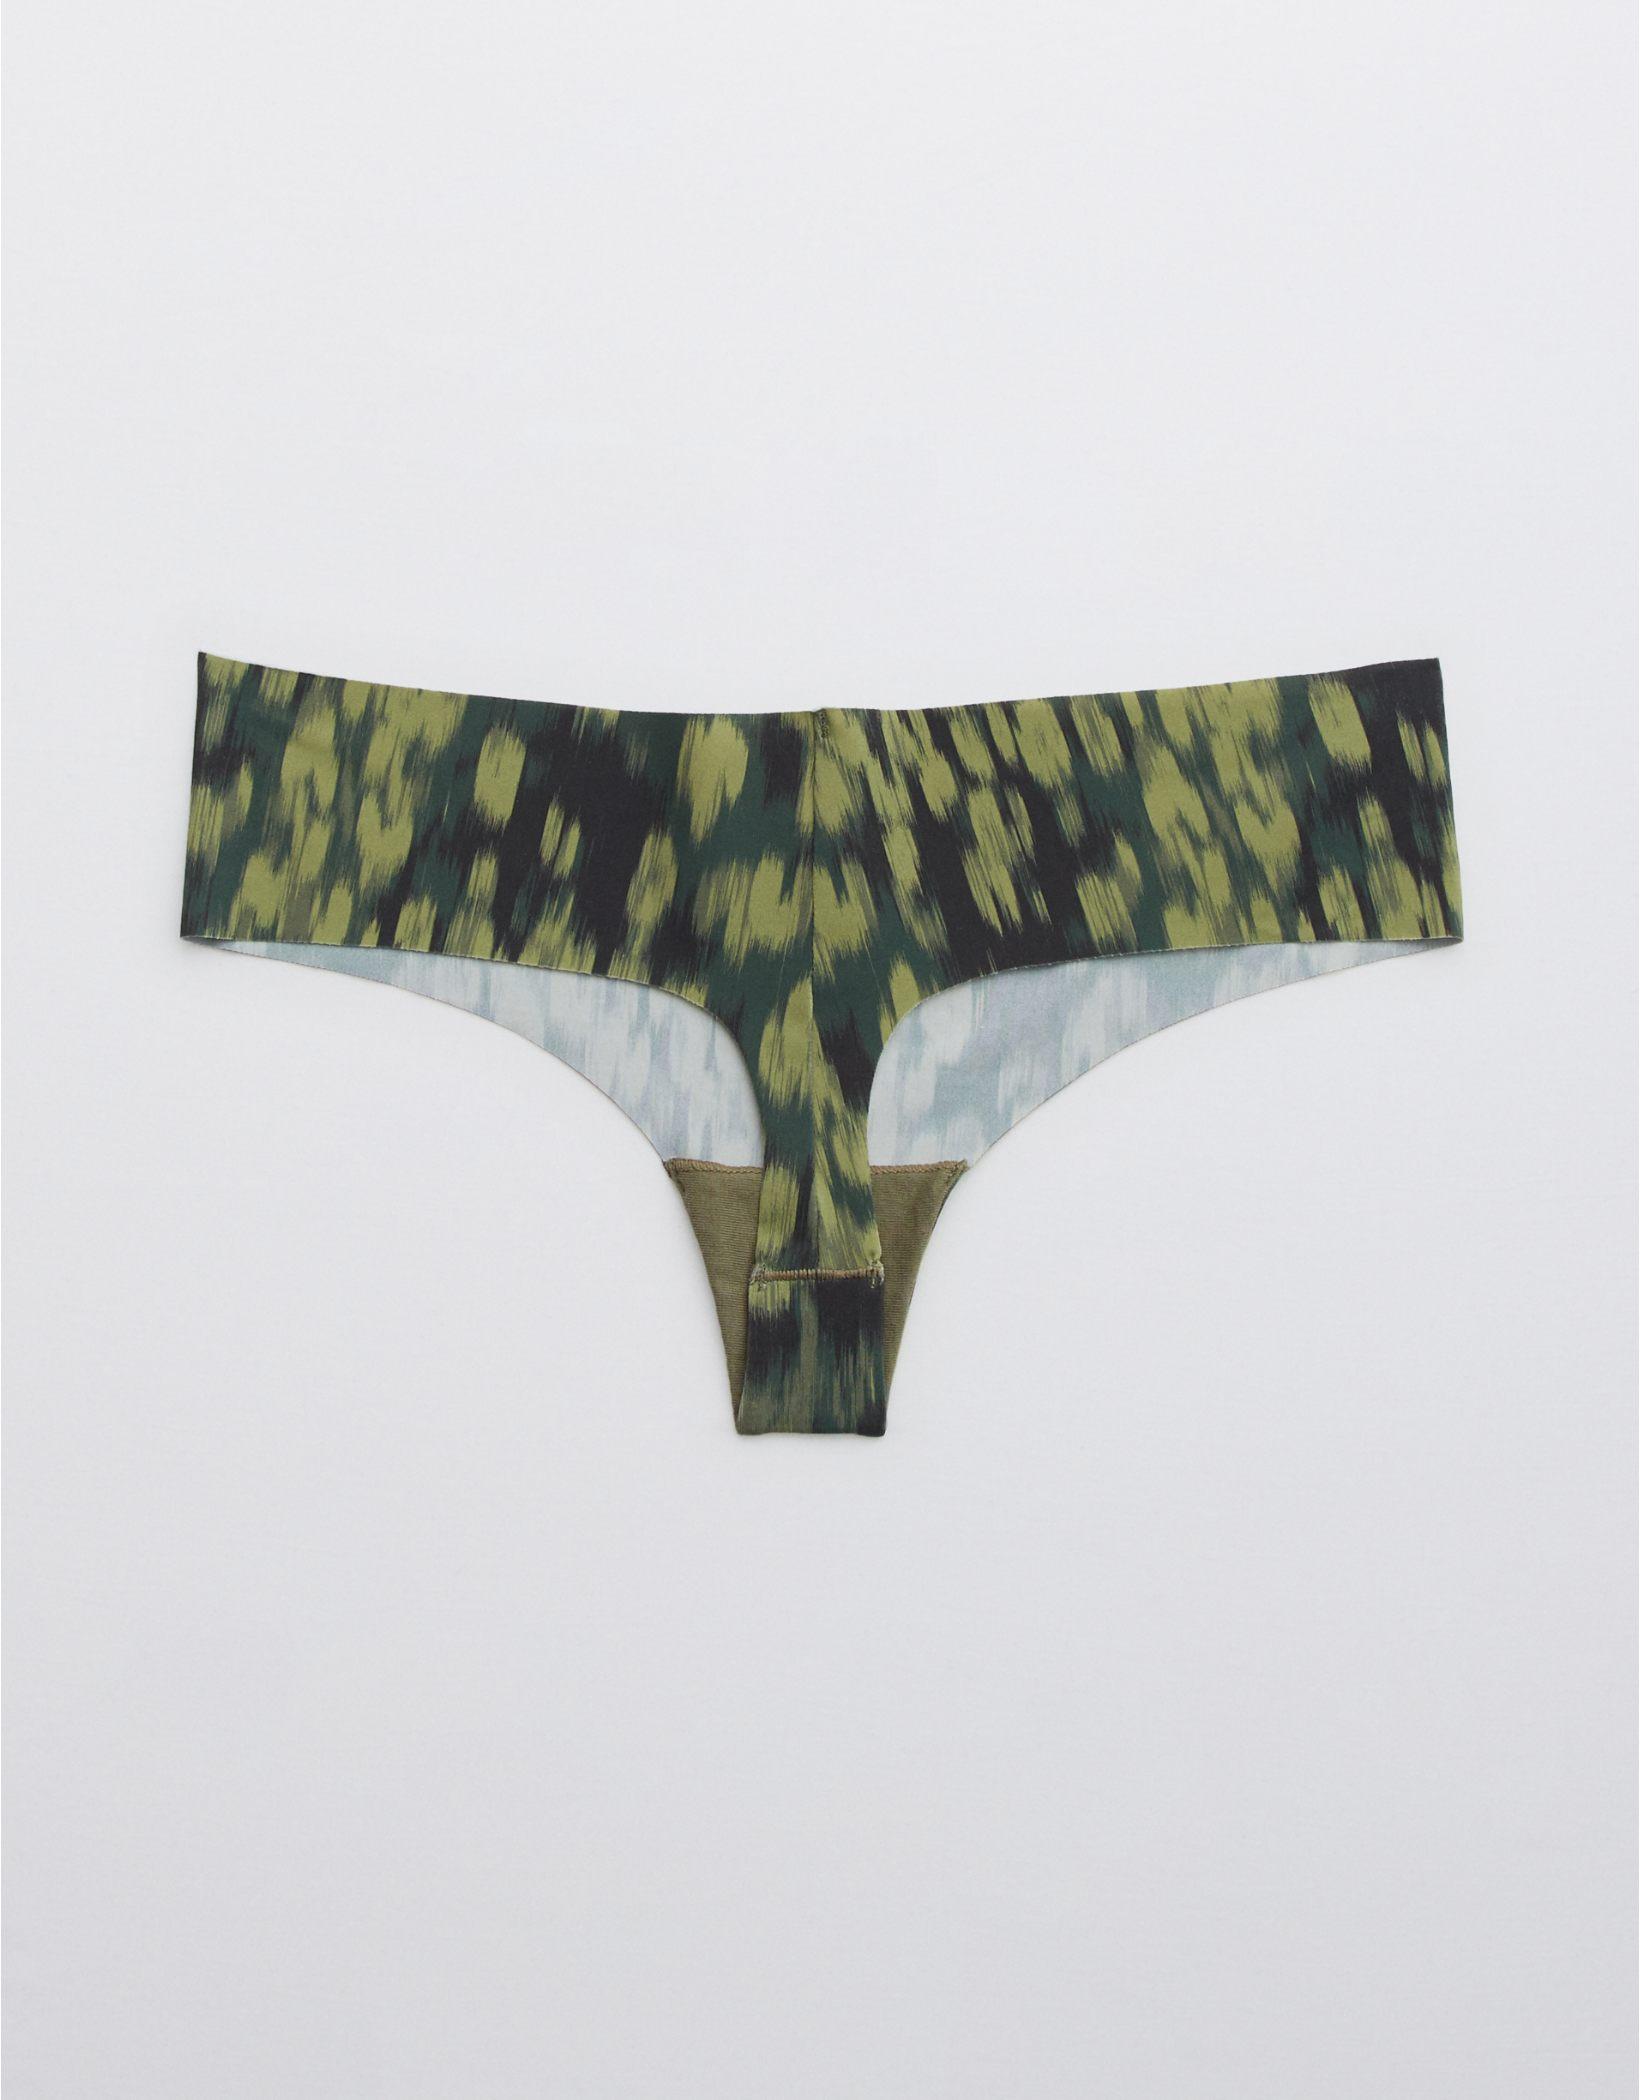 OFFLINE No Show Printed Thong Legging Underwear